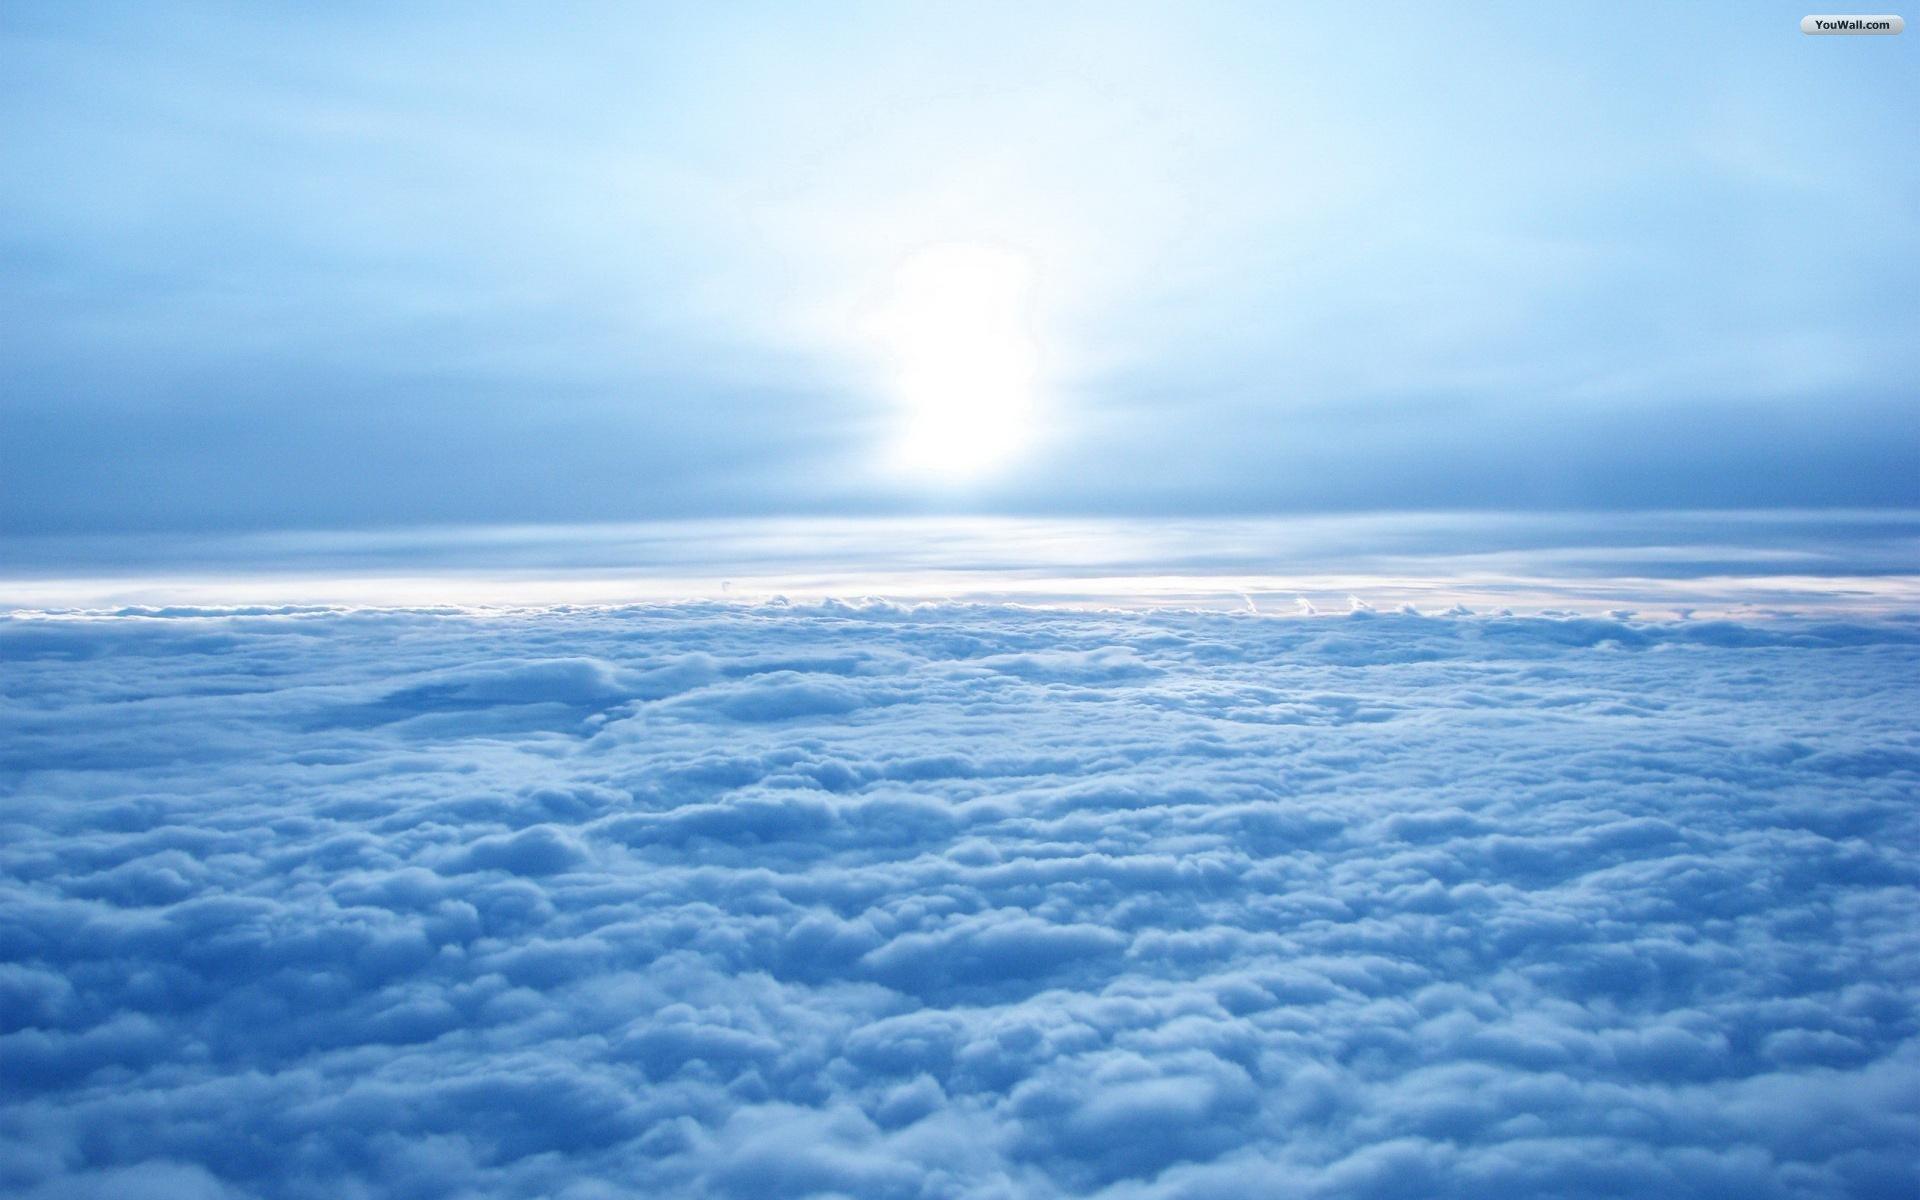 Above The Blue Clouds Wallpaper   wallpaperwallpapersfree wallpaper 1920x1200